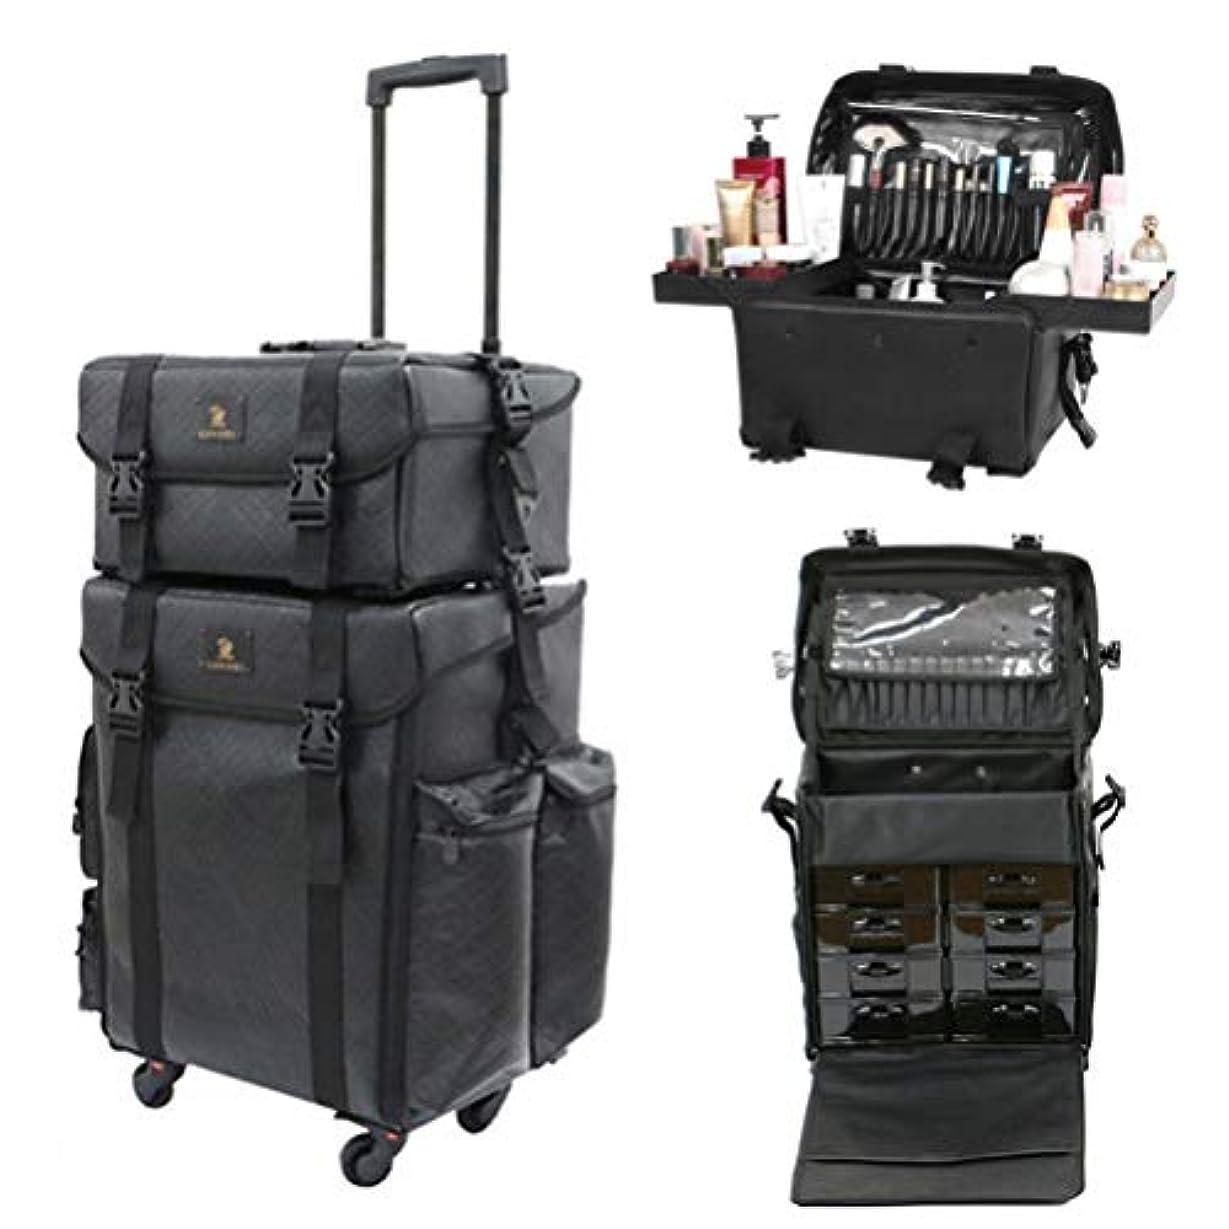 柔和麦芽からかうLUVODI メイクボックス 大容量 プロ コスメボックス 旅行 引き出し 化粧品収納 メイクキャリーケース 美容師 化粧箱 防水 レザー 黒